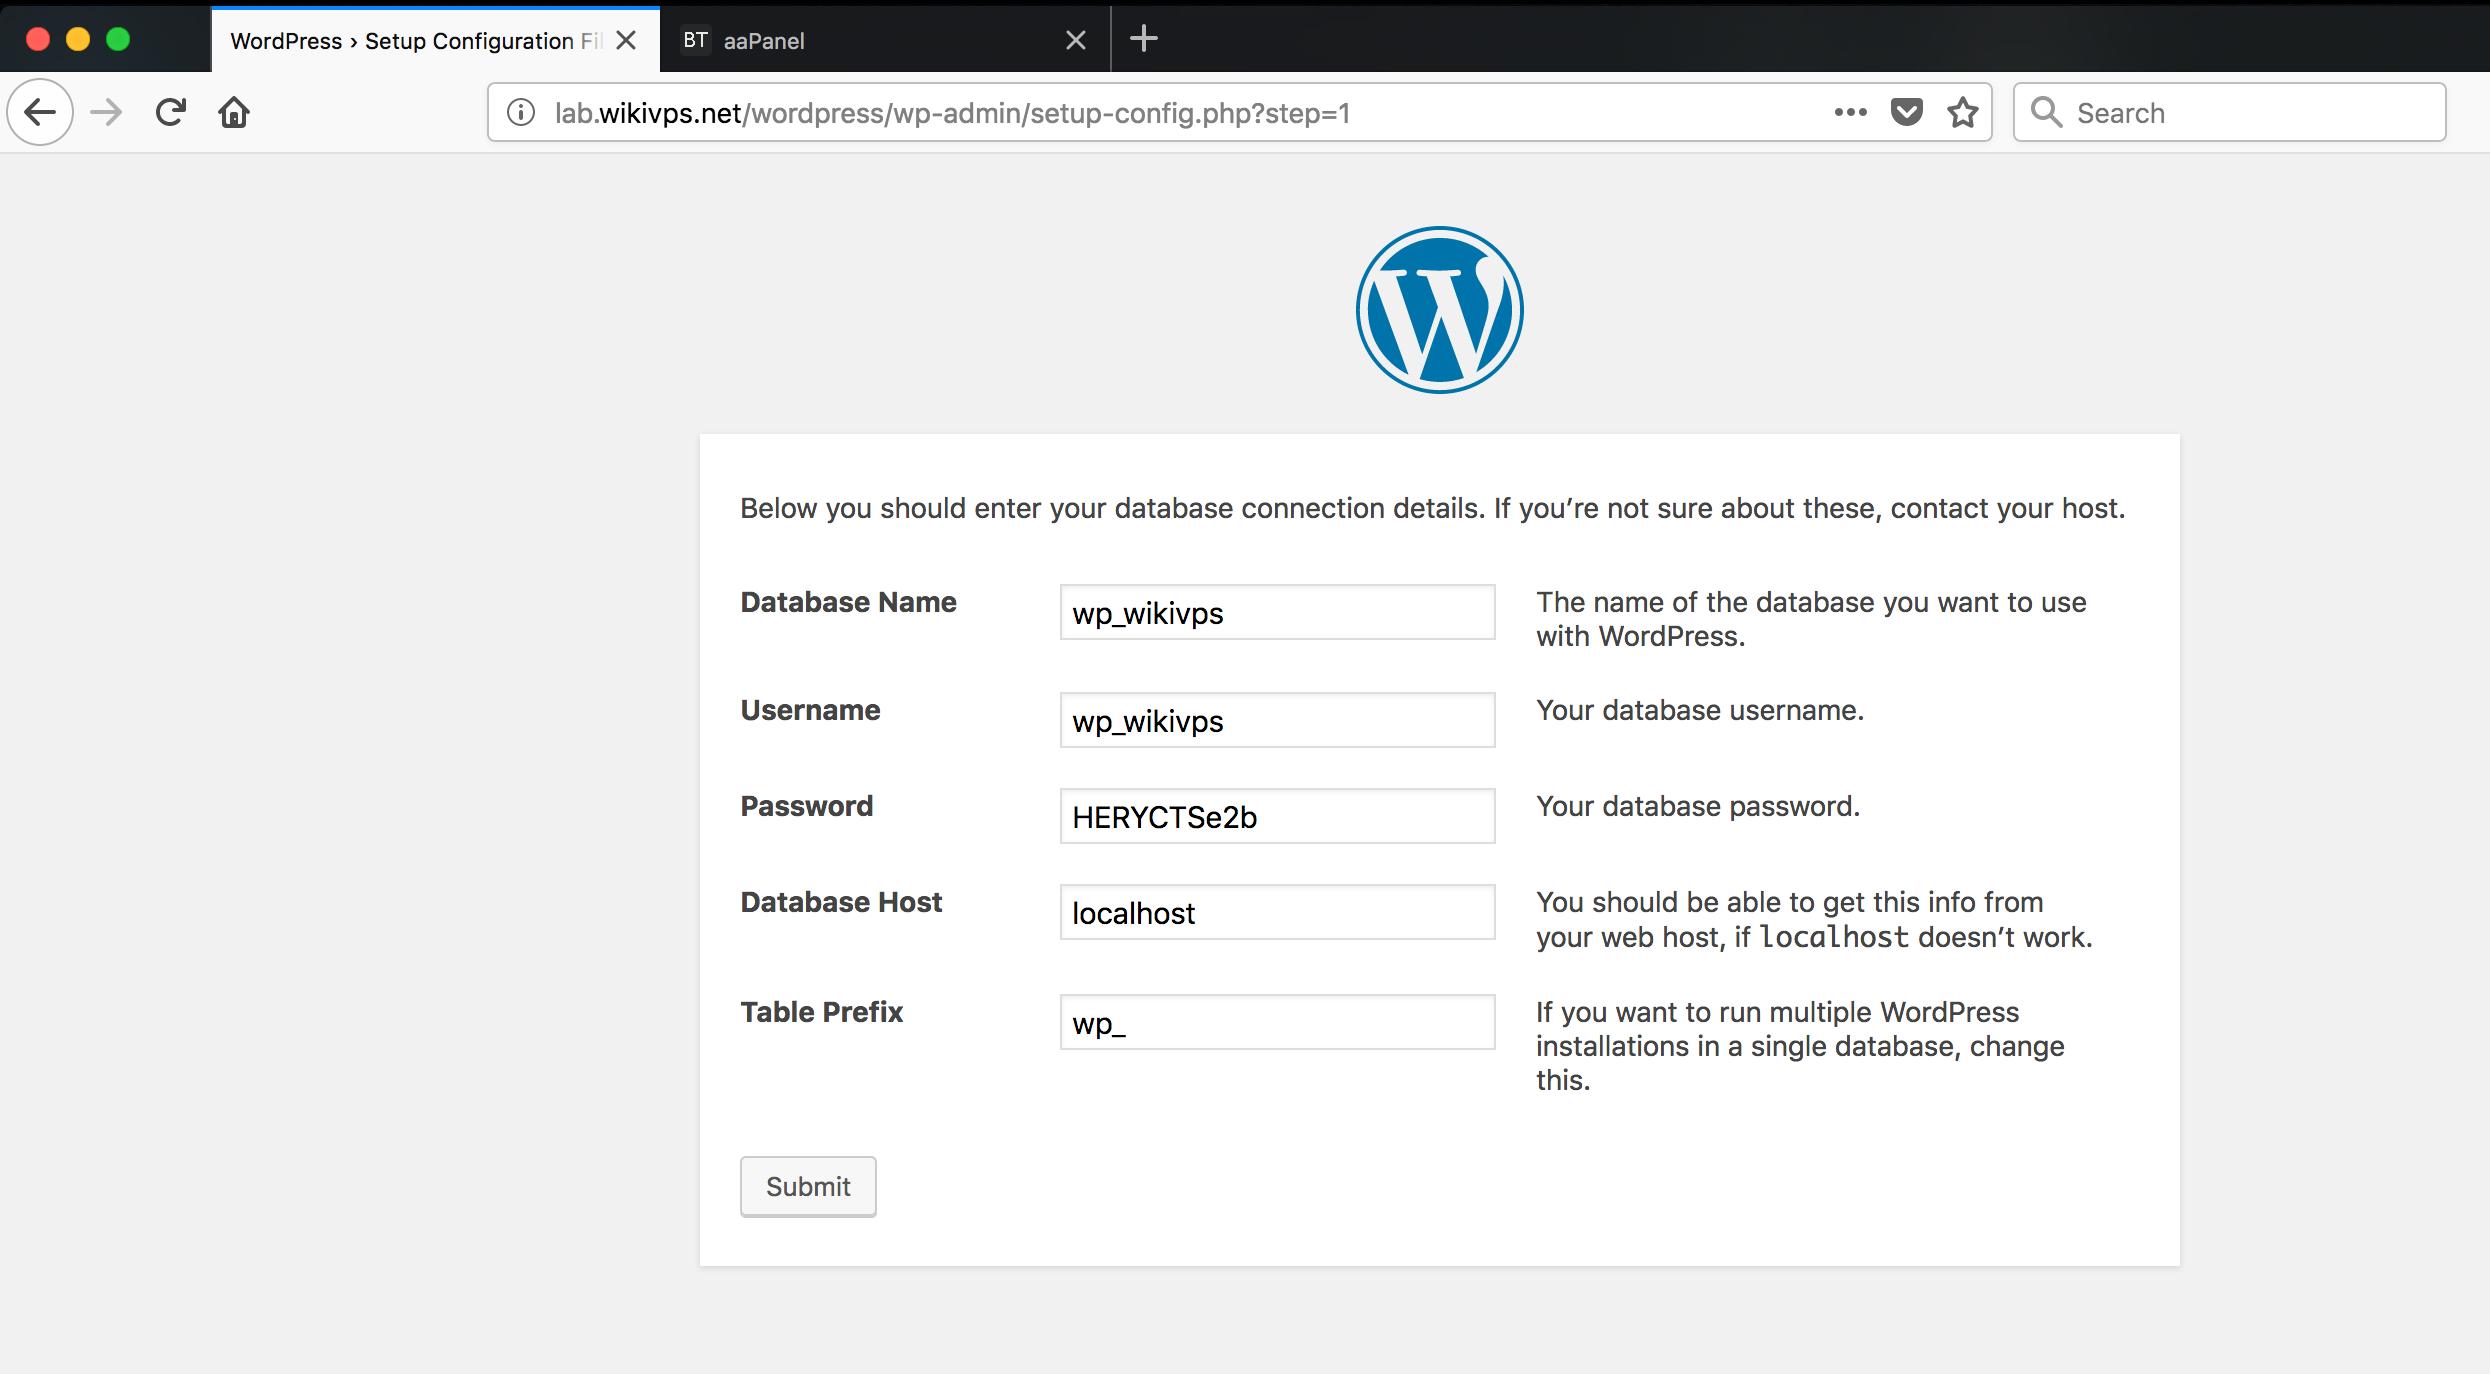 điền thông tin account database để cài đặt wordpress